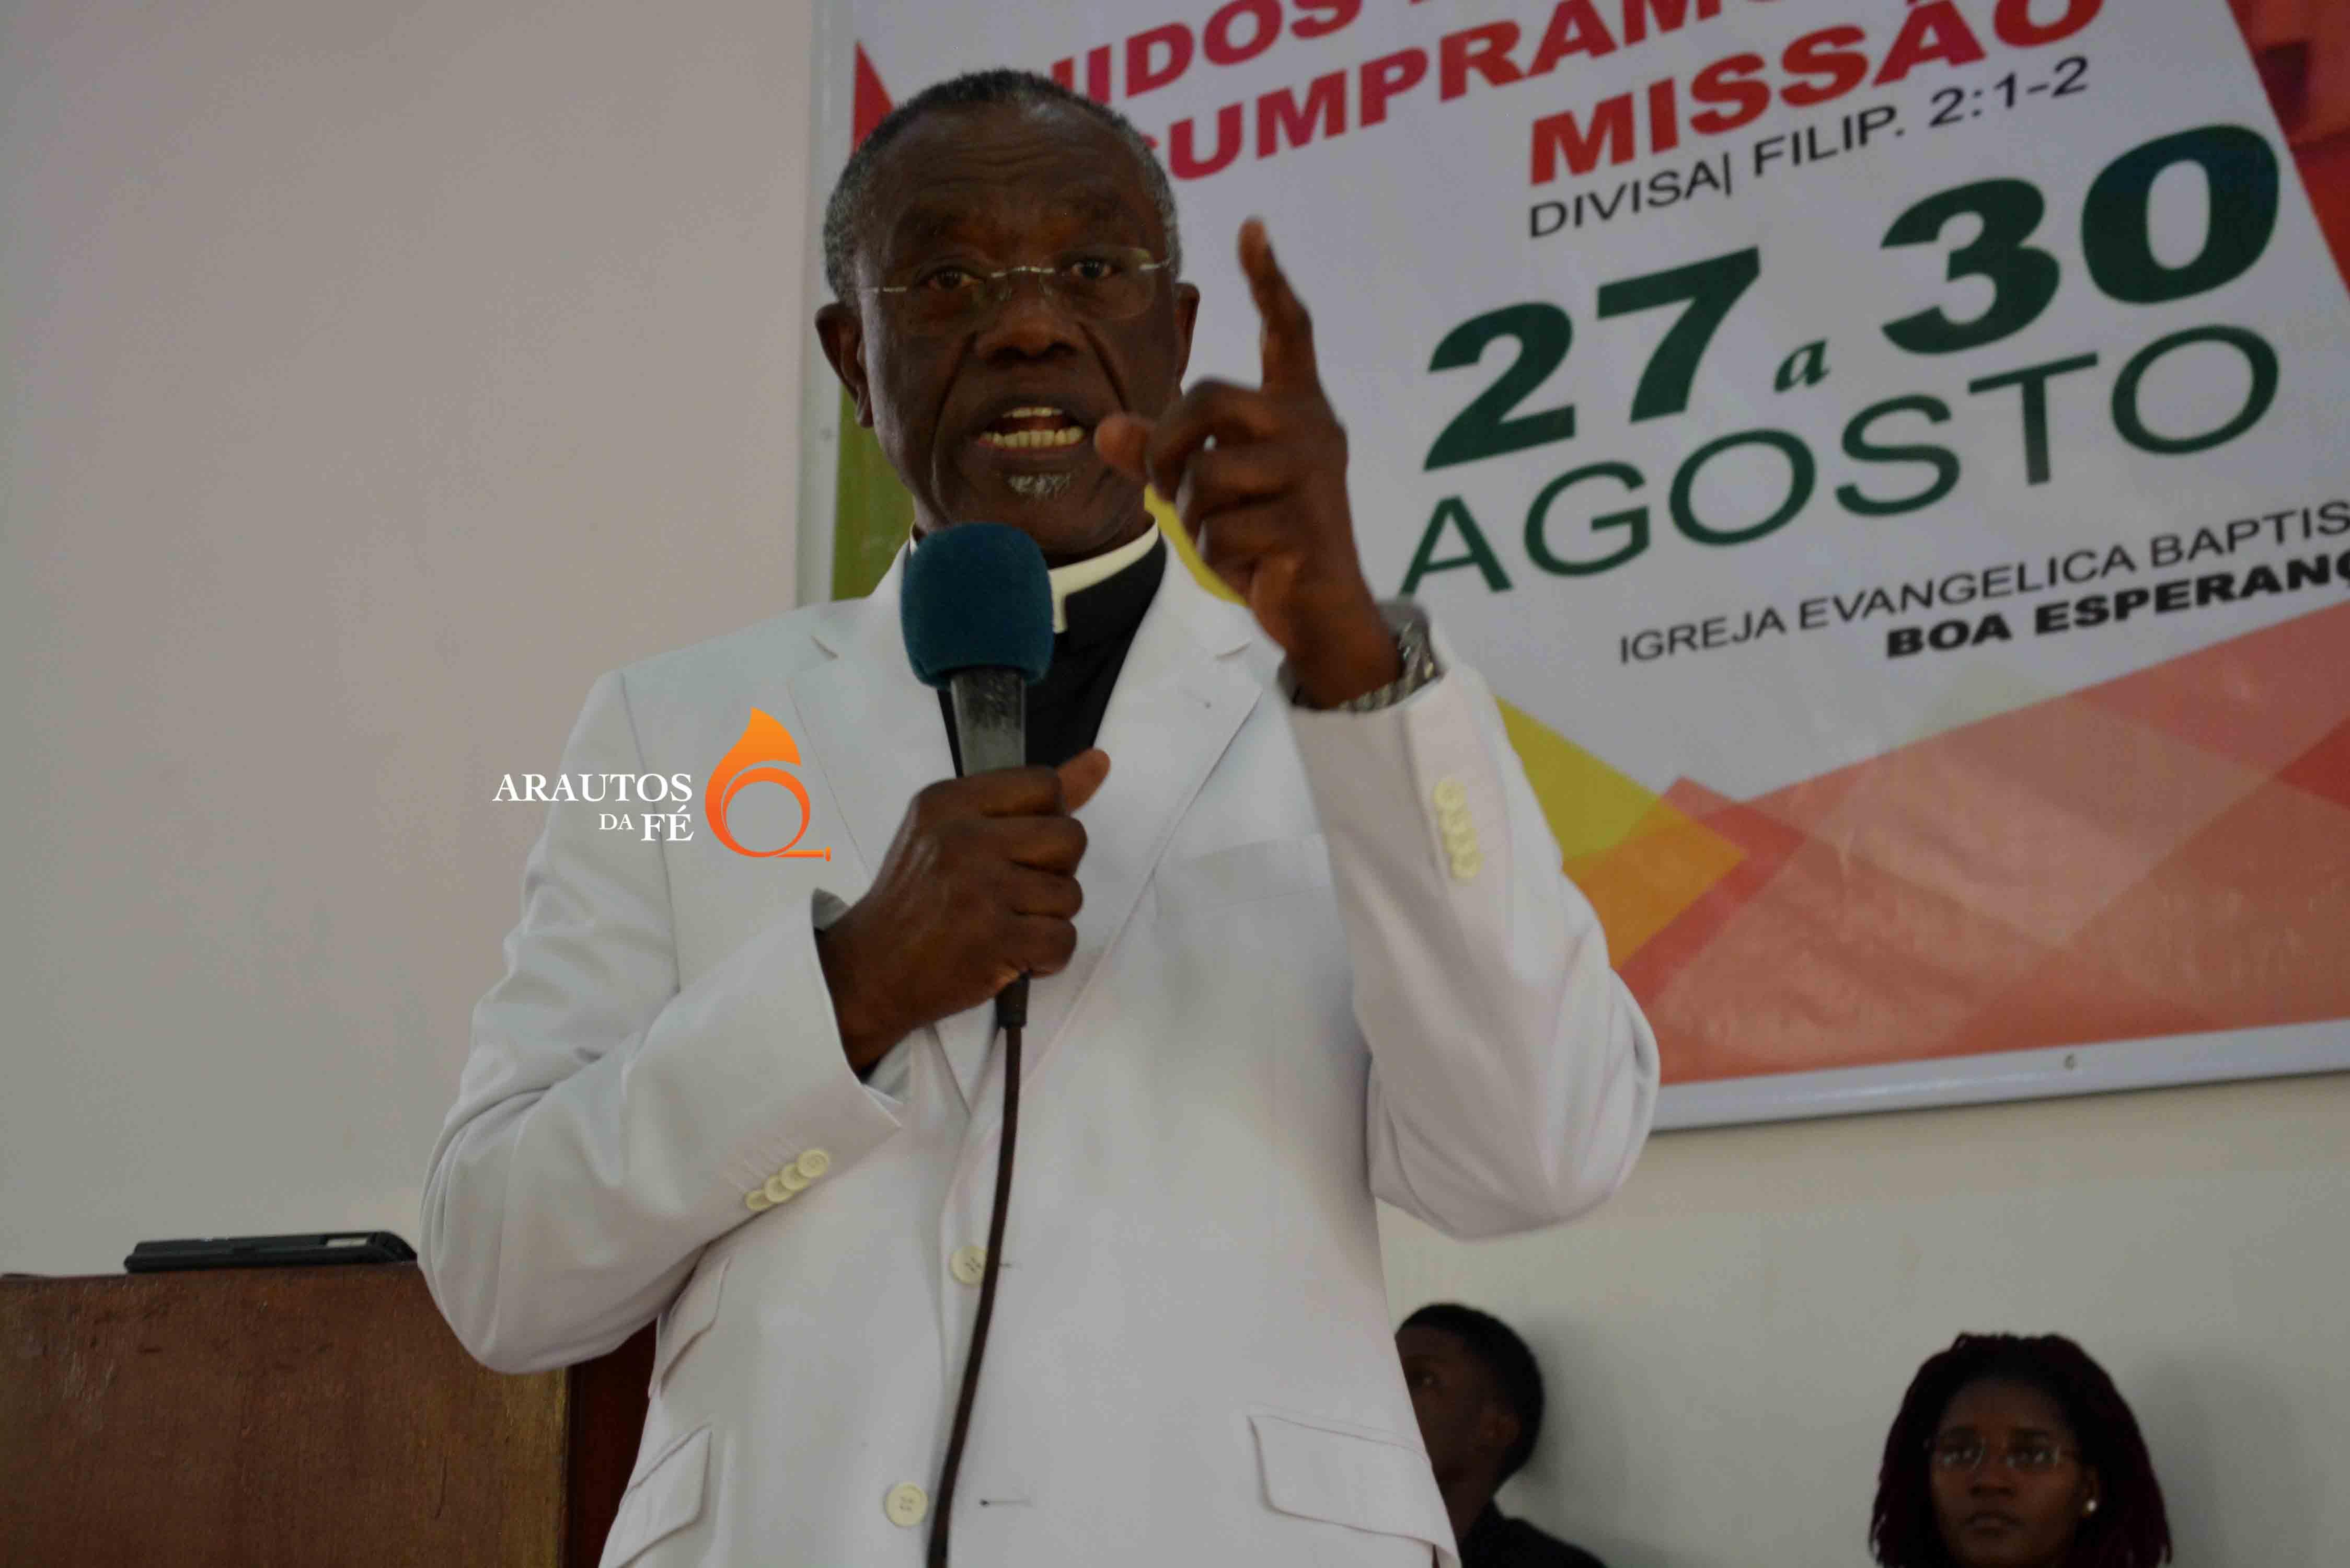 Reverendo Ntoni-A-Nzinga, destacou as qualidades do Pastor Chilundulo.